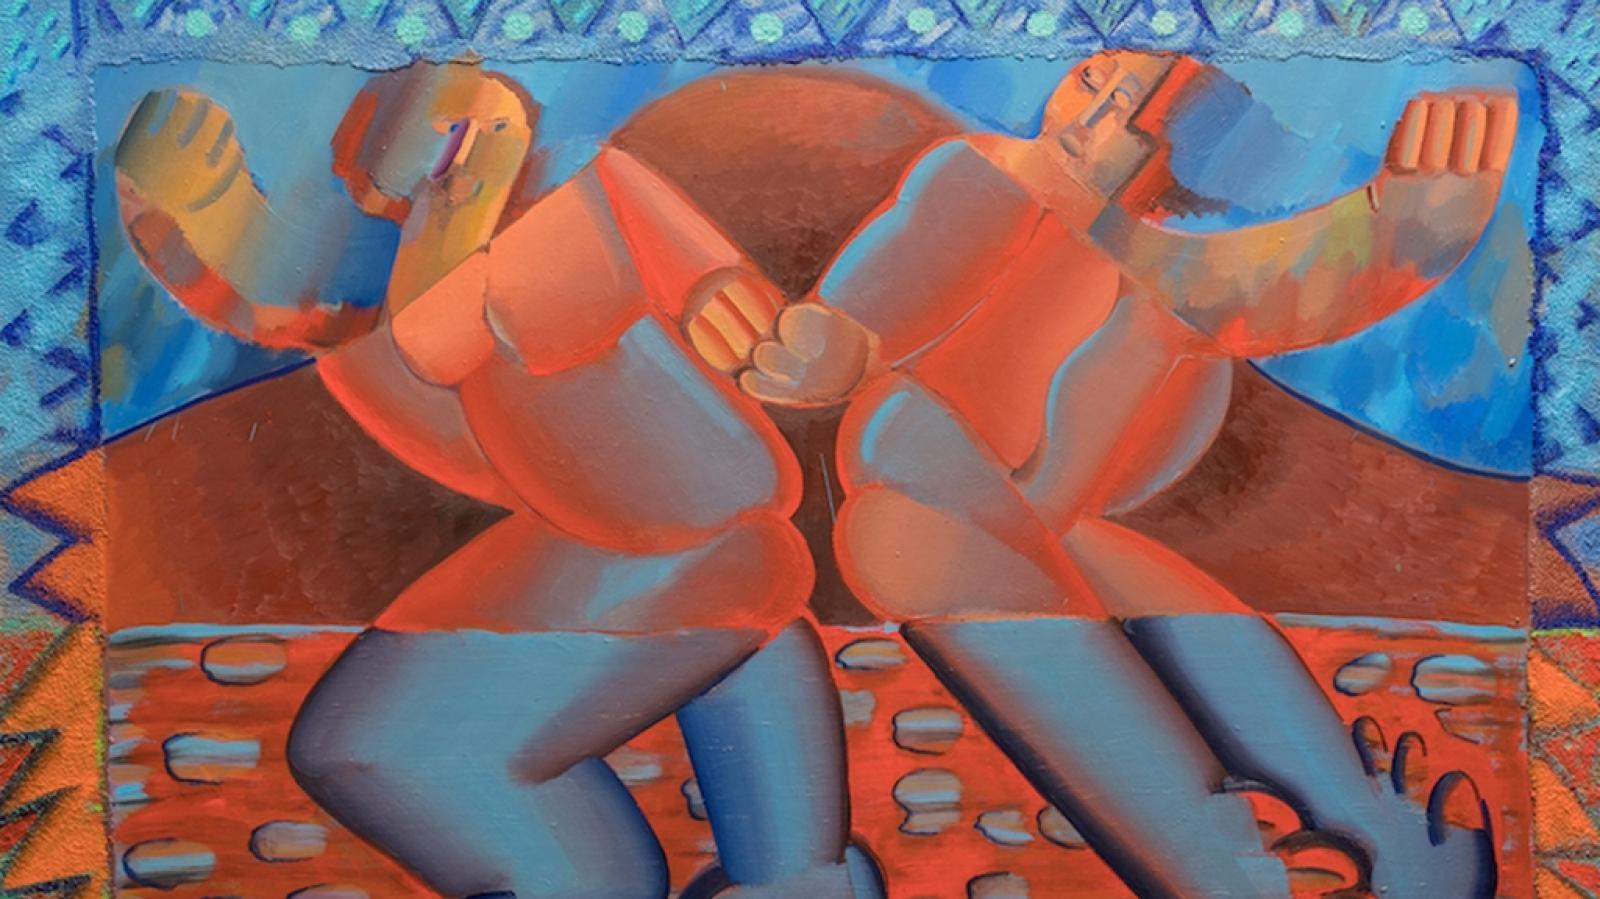 Obraz Mlask z výstavy Pavly Malinové Pinďousmrsk v Národním divadle moravskoslezském